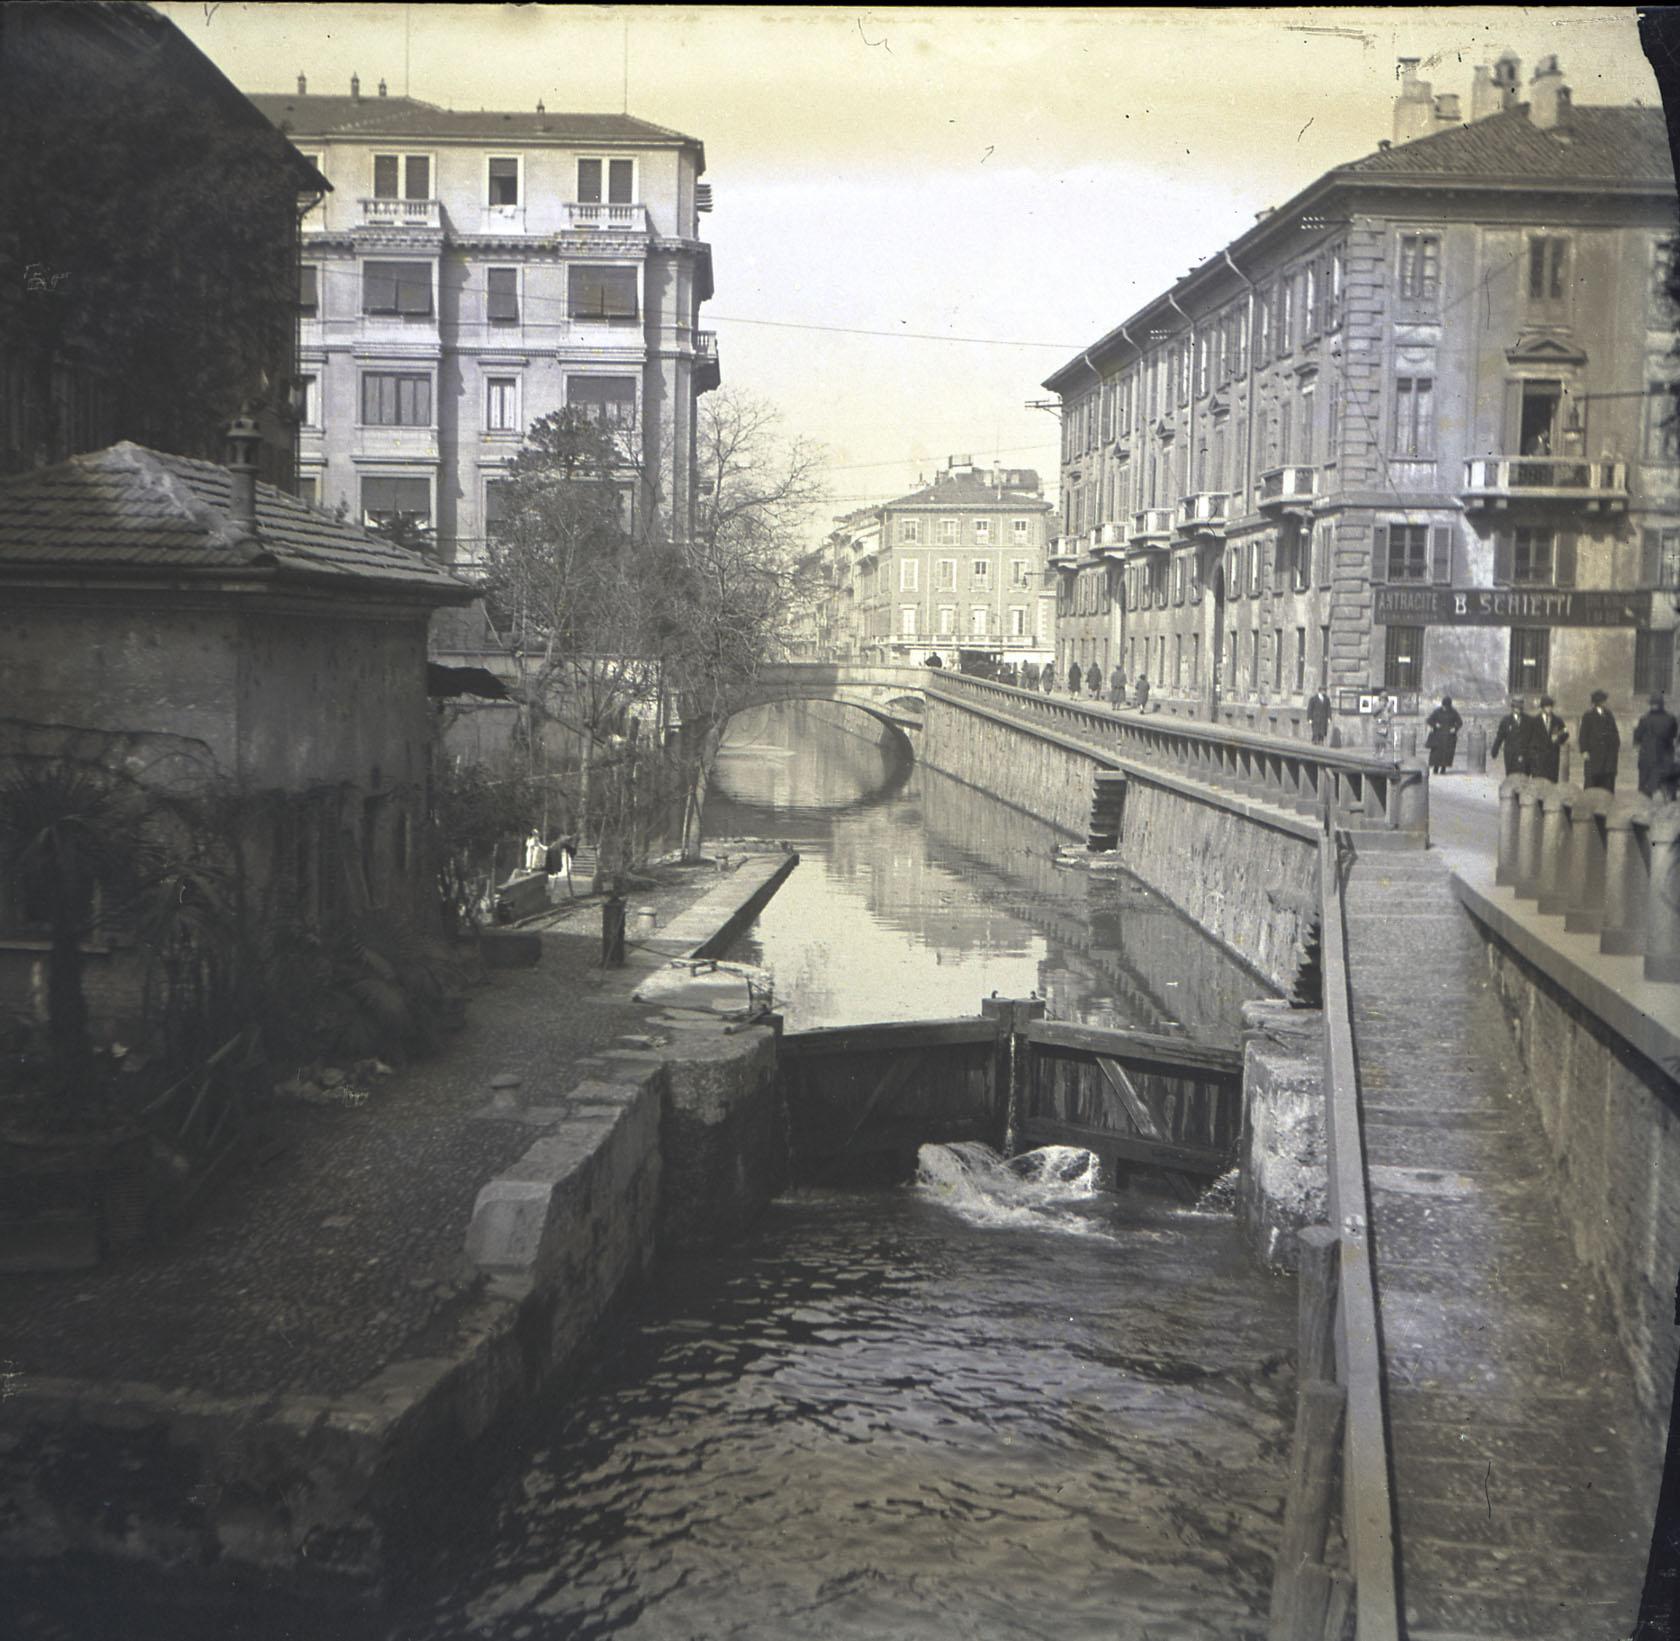 04 - Conca di Porta Venezia © Archivio fotografico Arnaldo Chierichetti